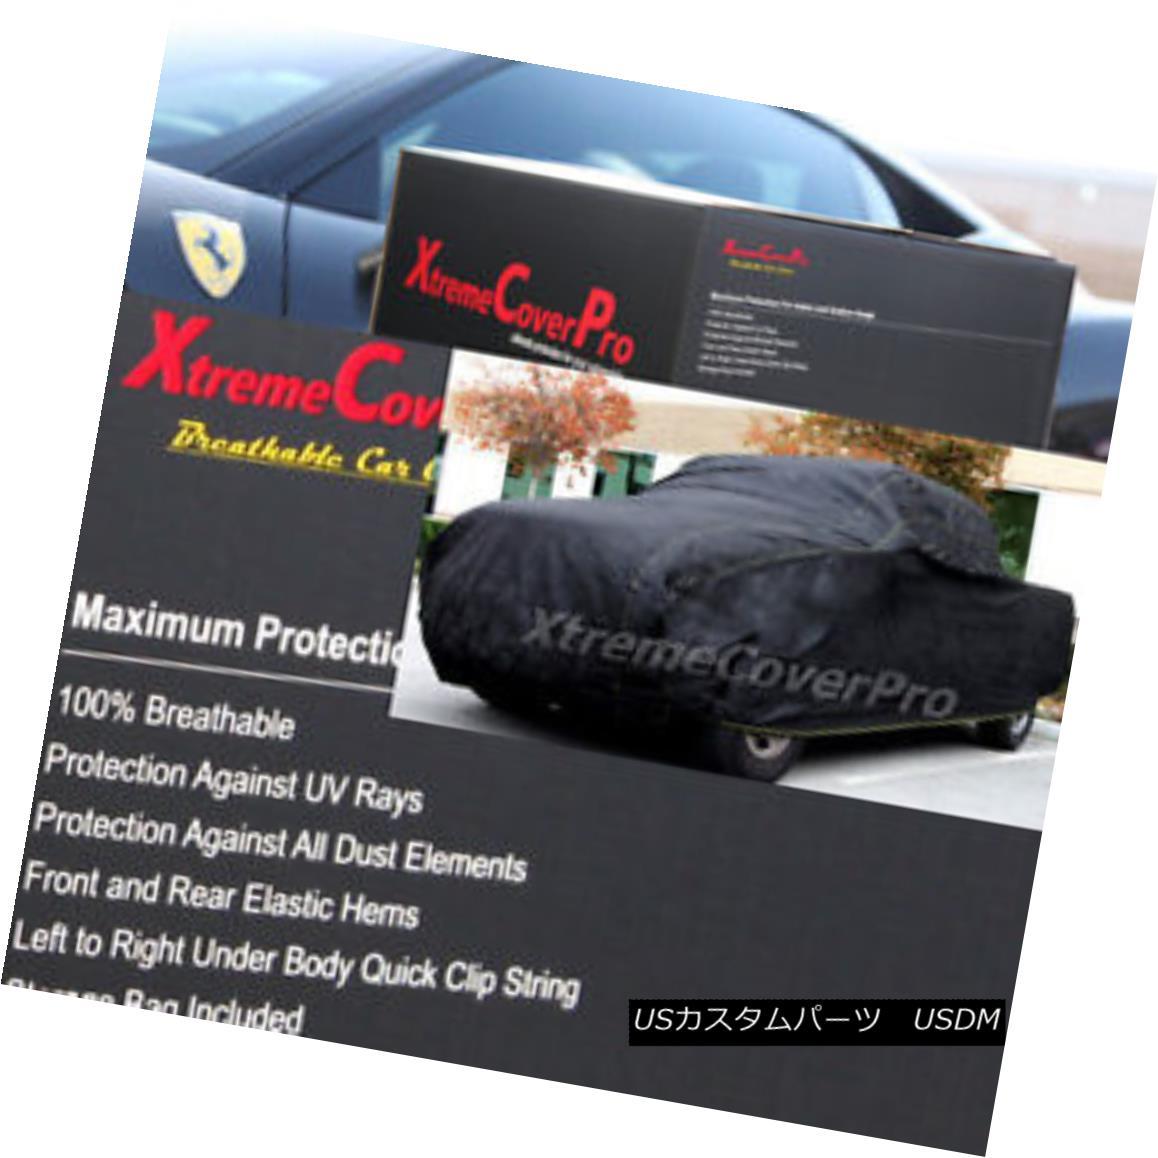 カーカバー 2003 2004 2005 2006 GMC Sierra 1500 Ext Cab 8ft Long Bed Breathable Truck Cover 2003 2004 2005 2006 GMC Sierra 1500 Ext Cab 8フィートロングベッド通気性トラックカバー